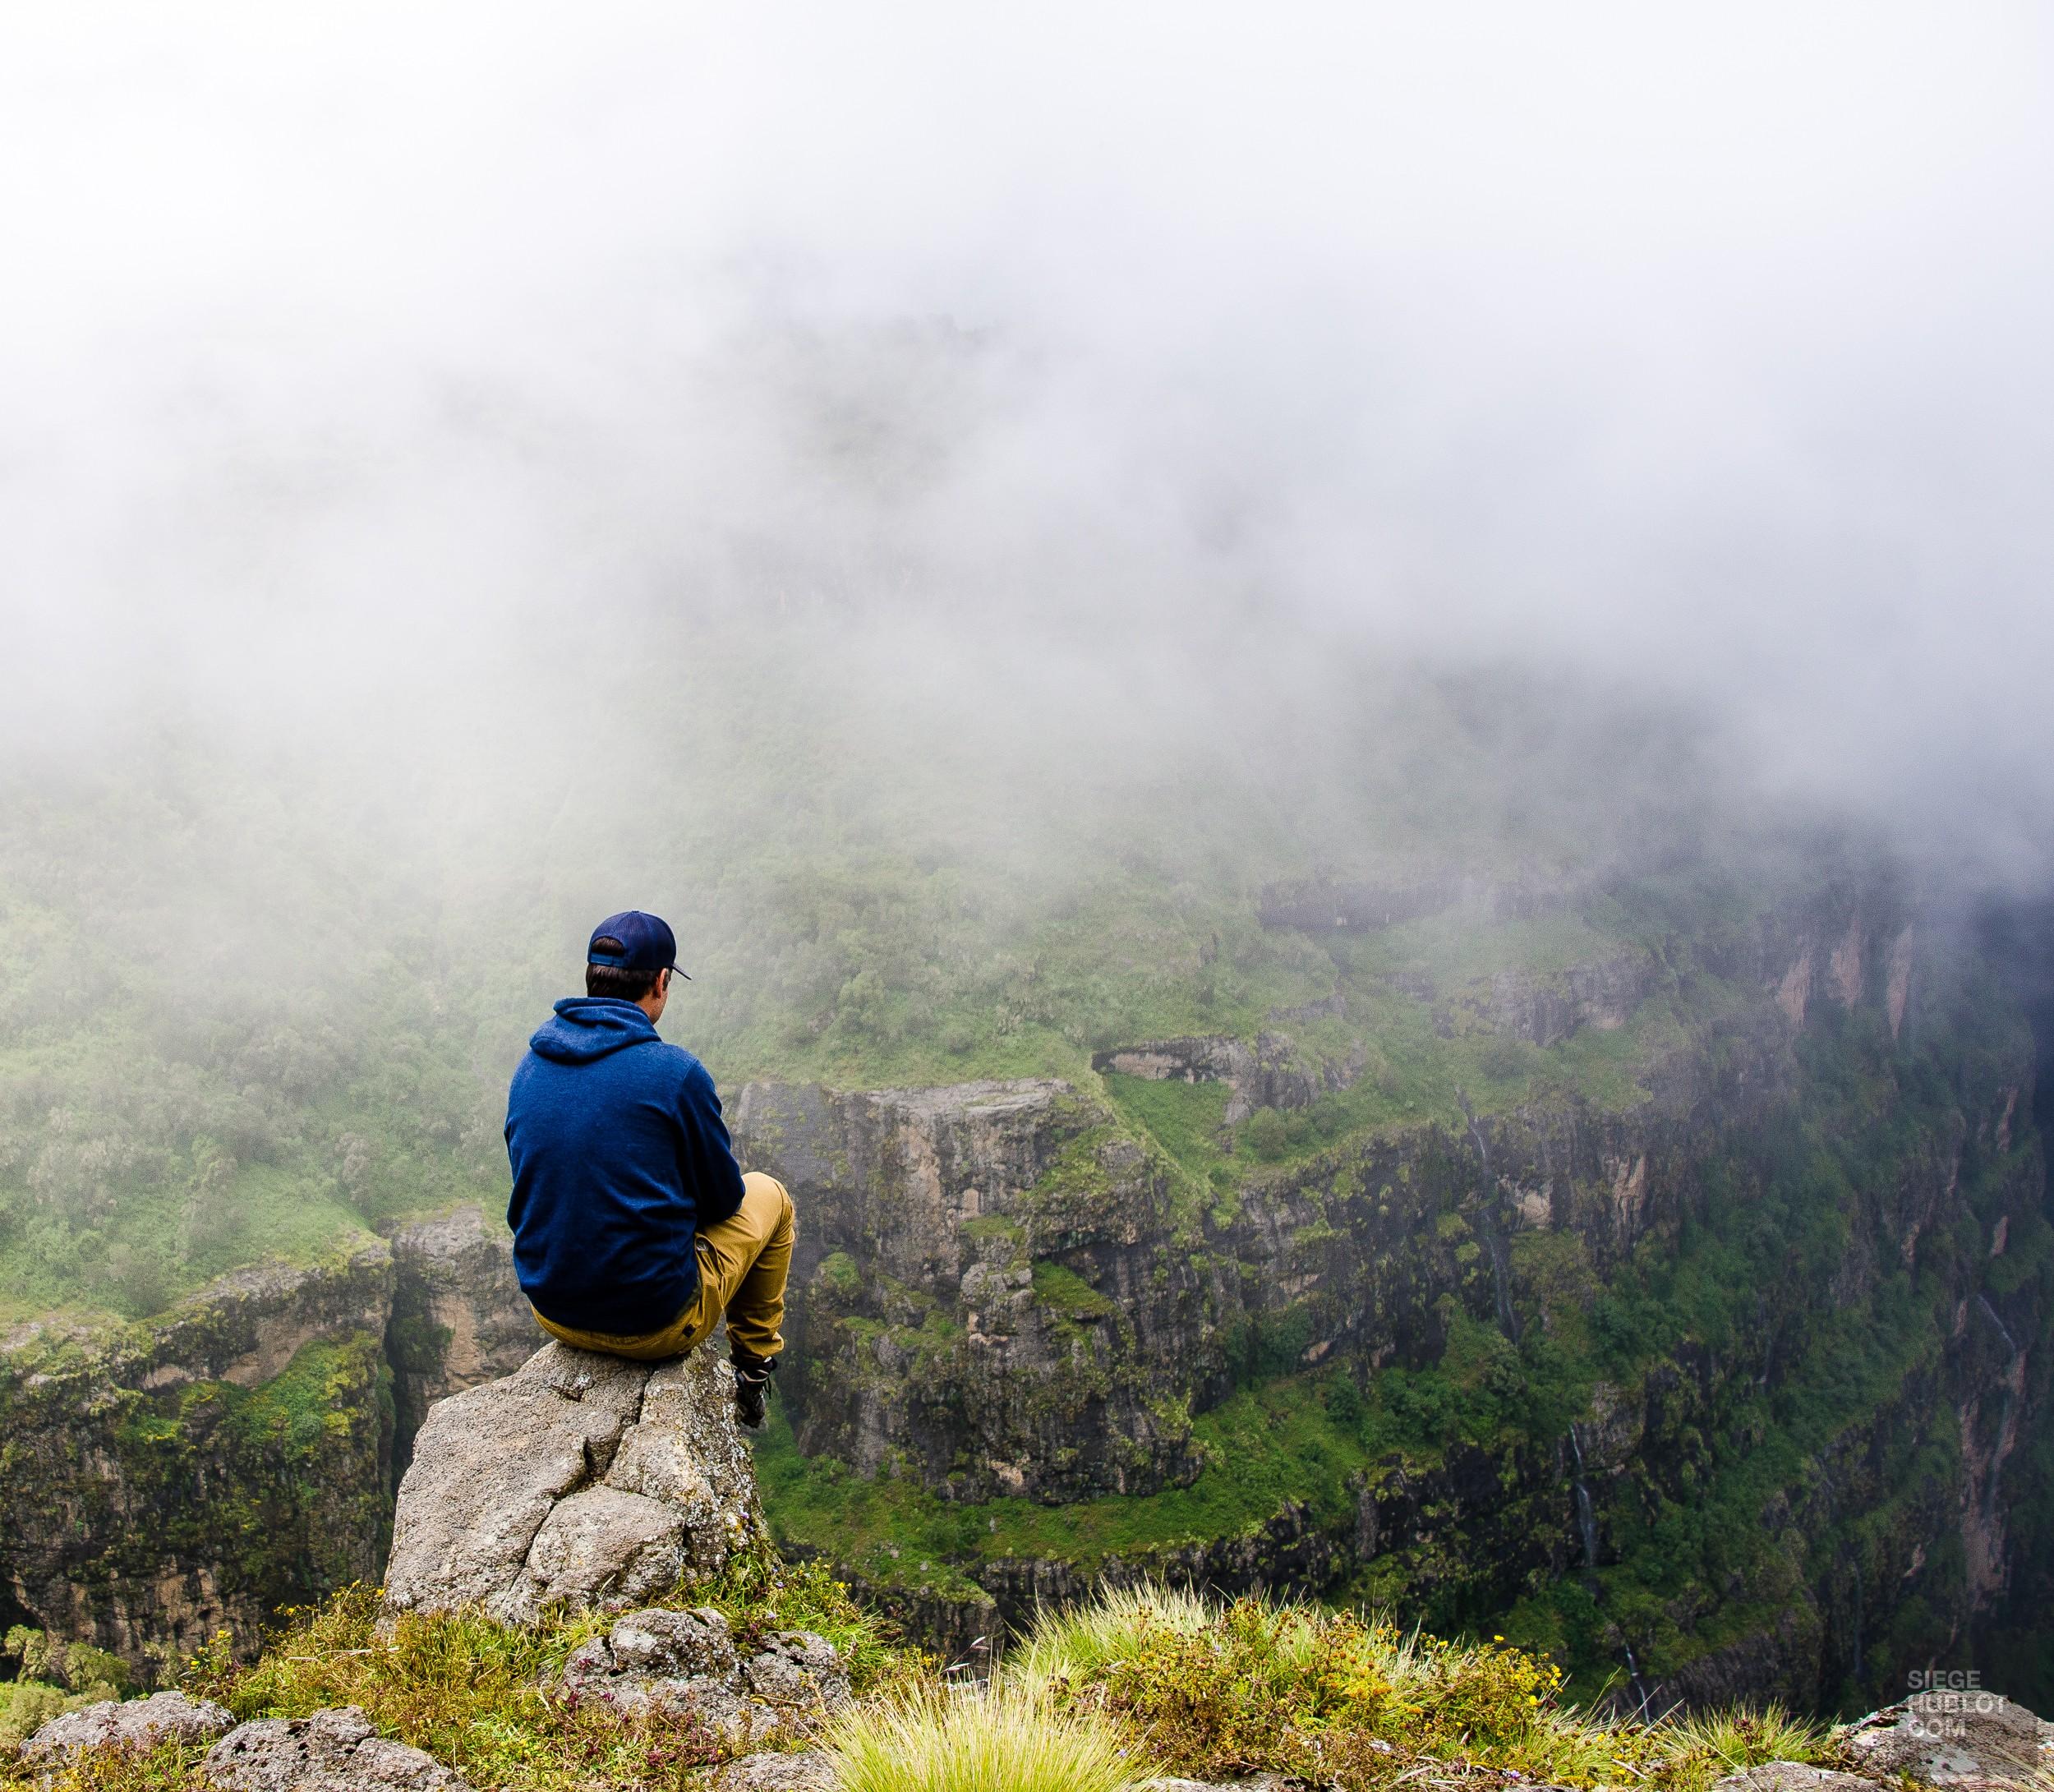 montagne panorama brume - des babouins dans les nuages monts simien ethiopie - Des babouins dans les nuages Monts Simien Ethiopie - afrique, ethiopie